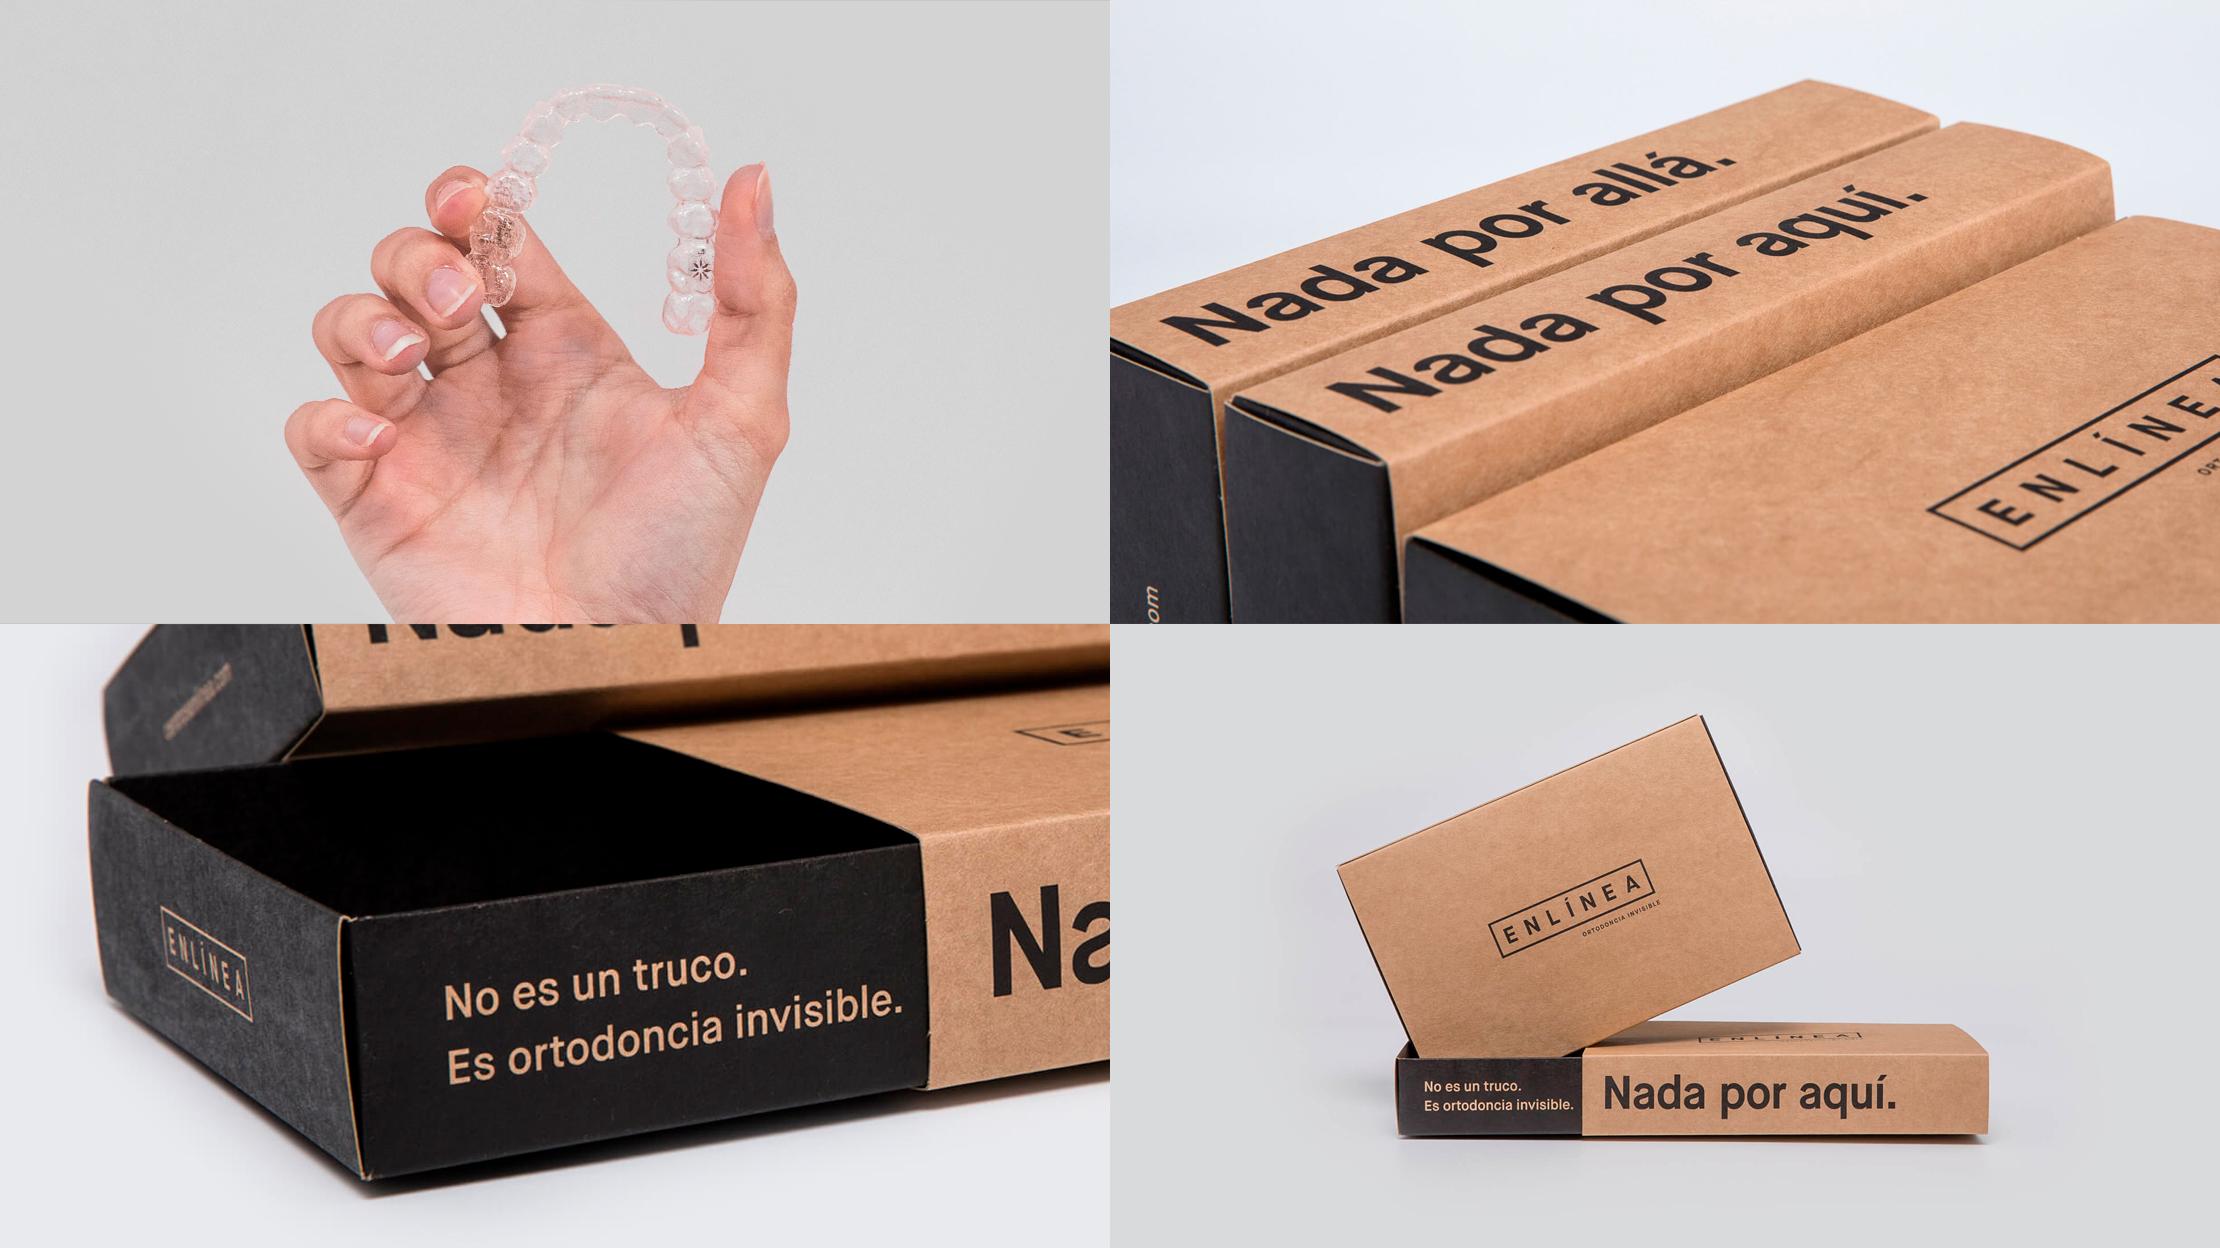 Nada por aquí, nada por allá by Buas - Creative Work - $i